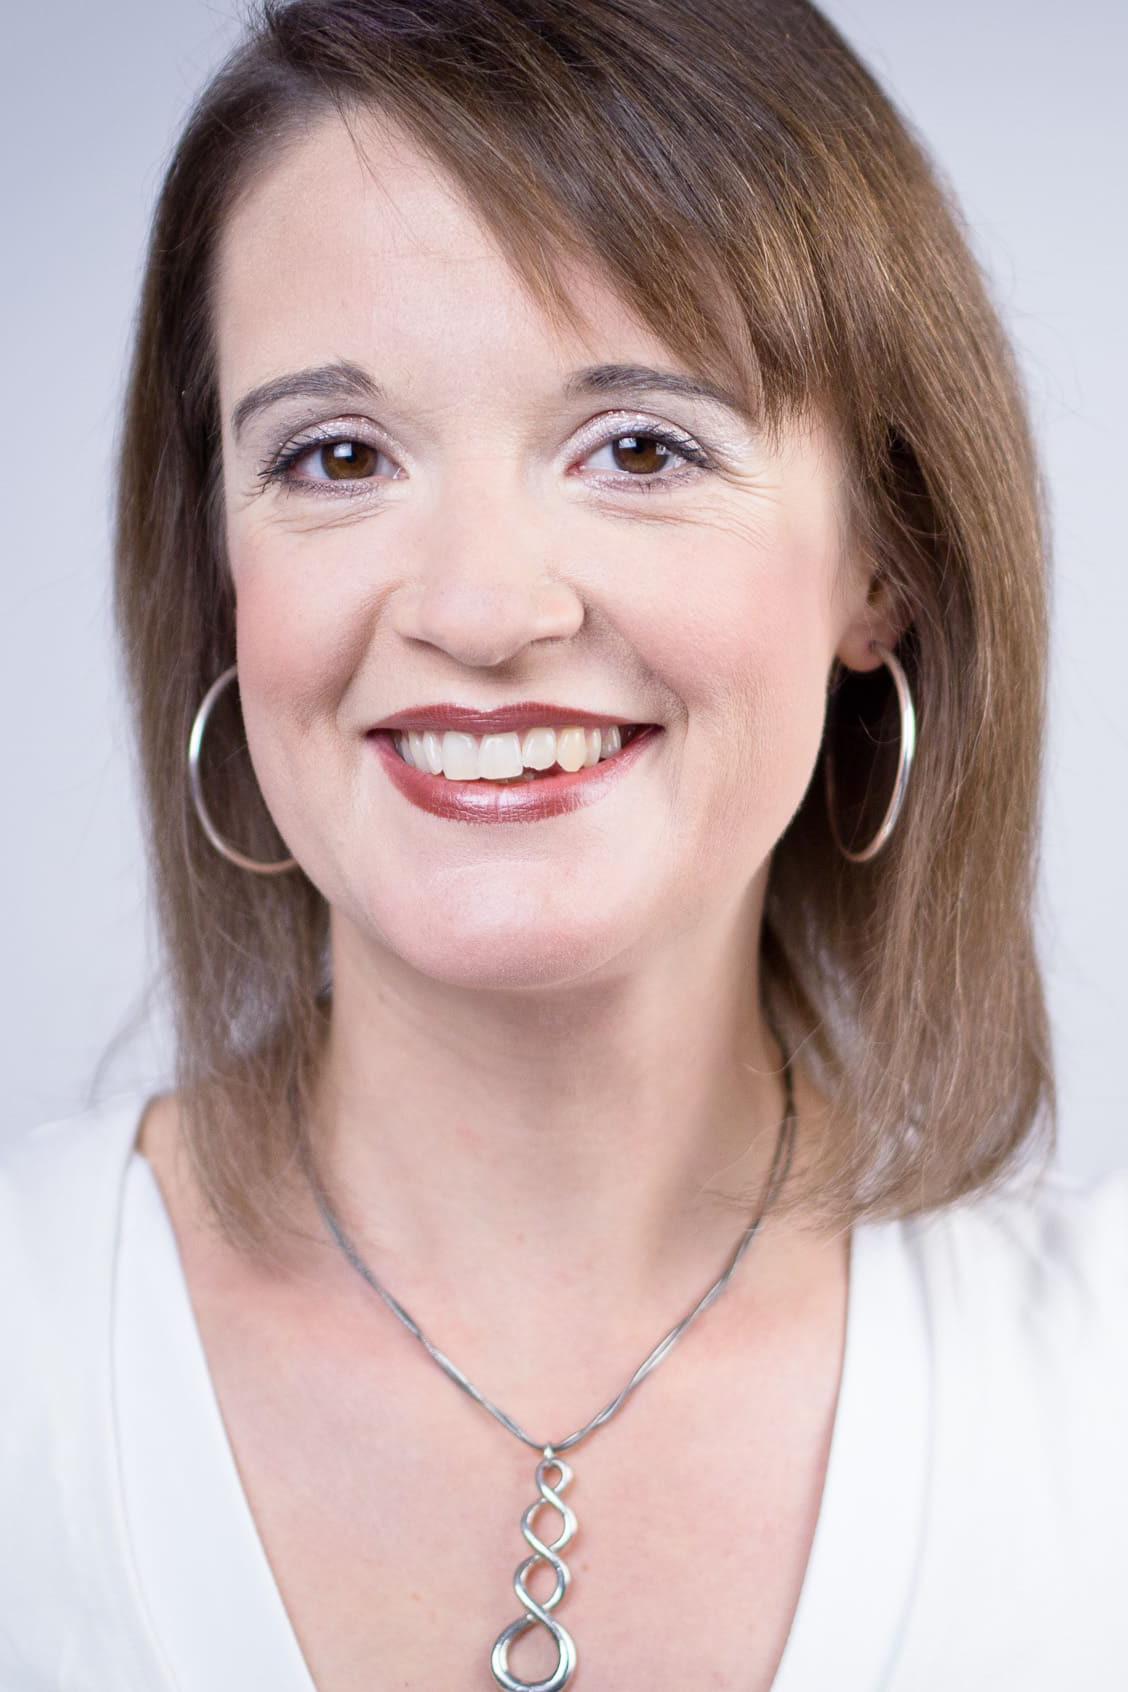 Julia Samhaber